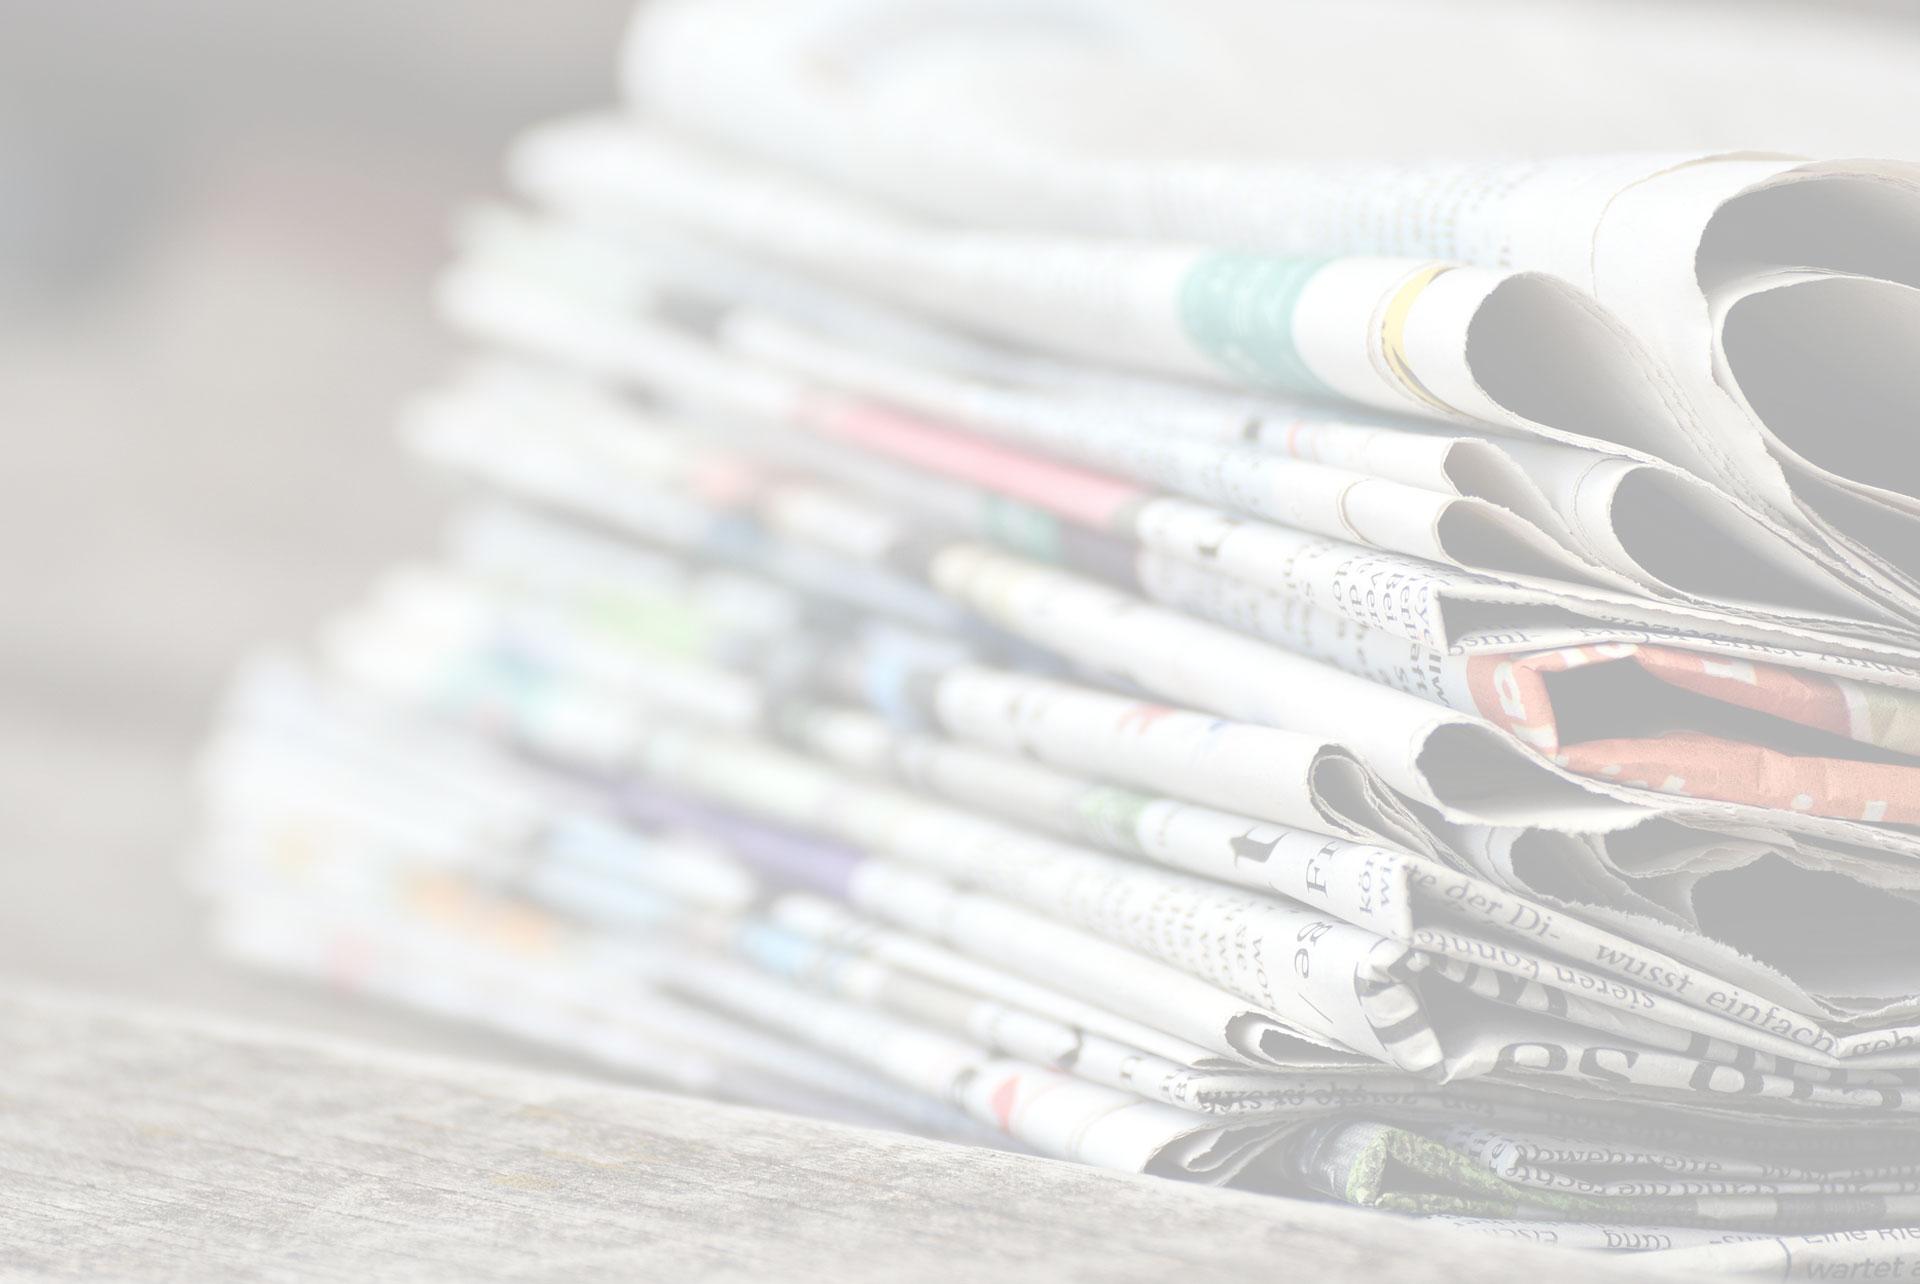 Milan, 1987/88